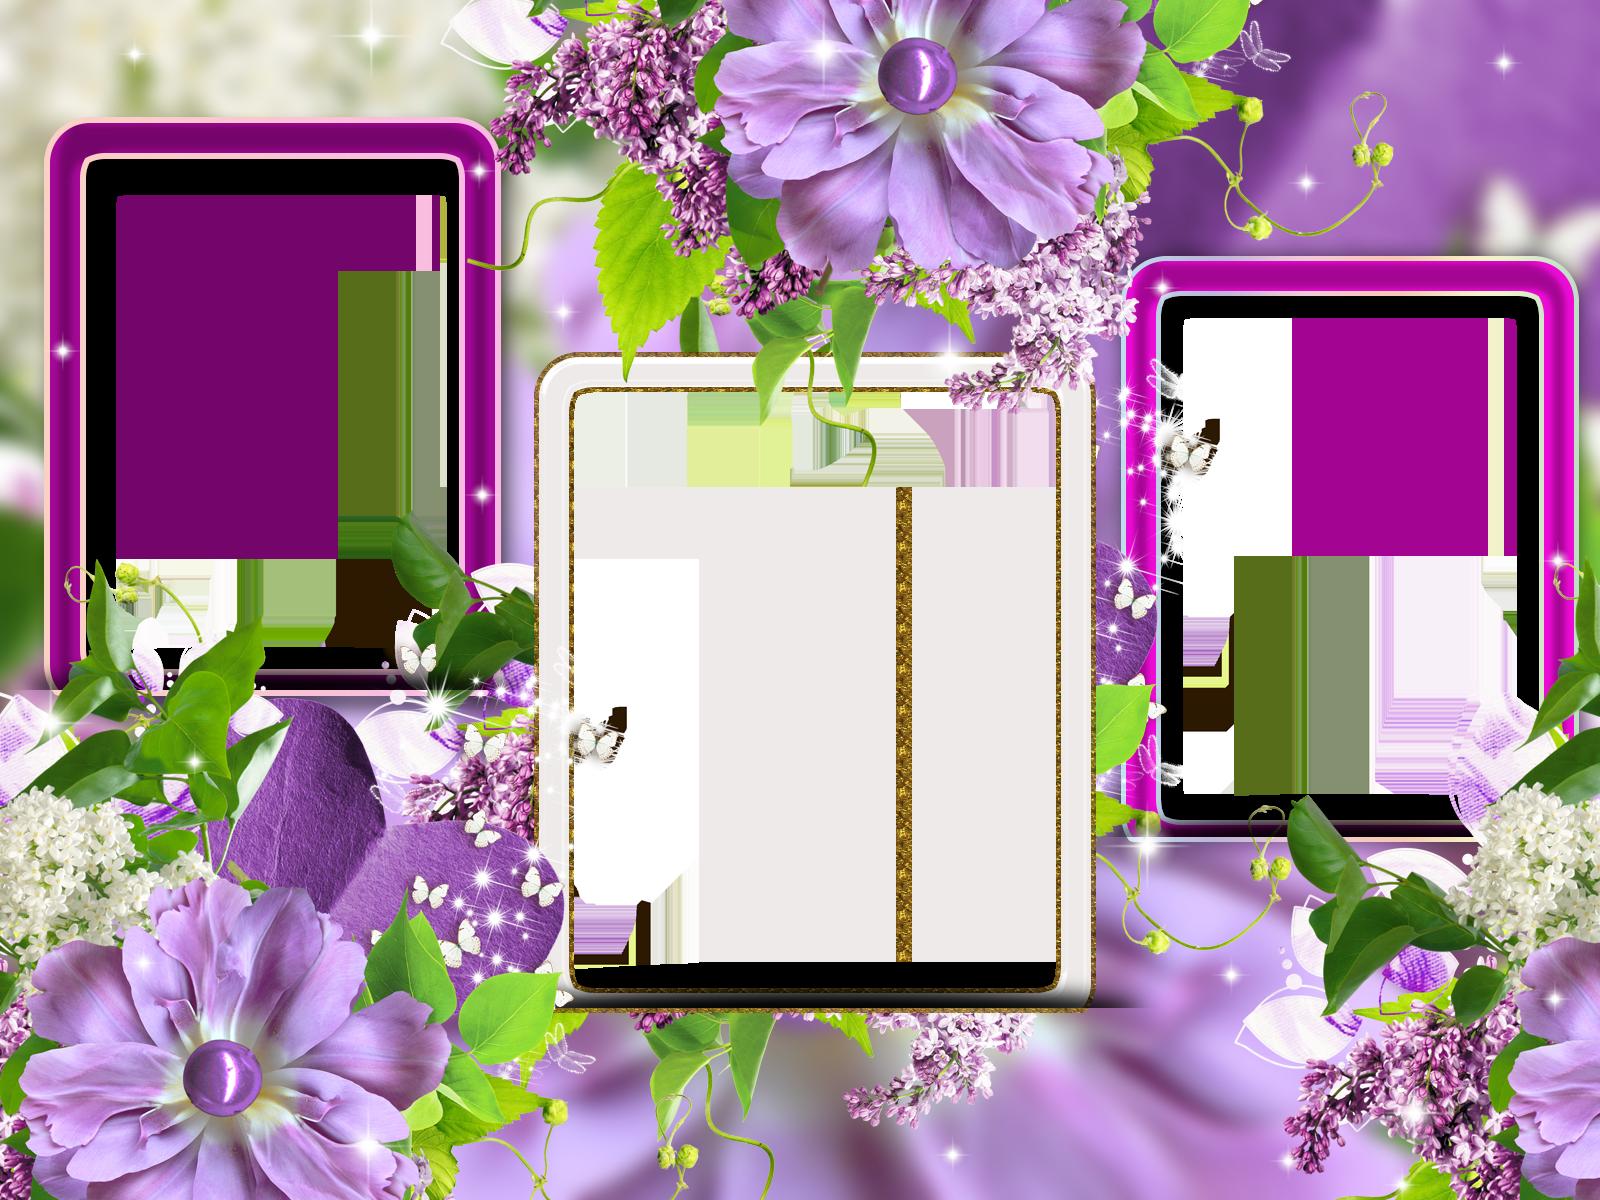 красивые рамки для фотоколлажей кишмиш относят